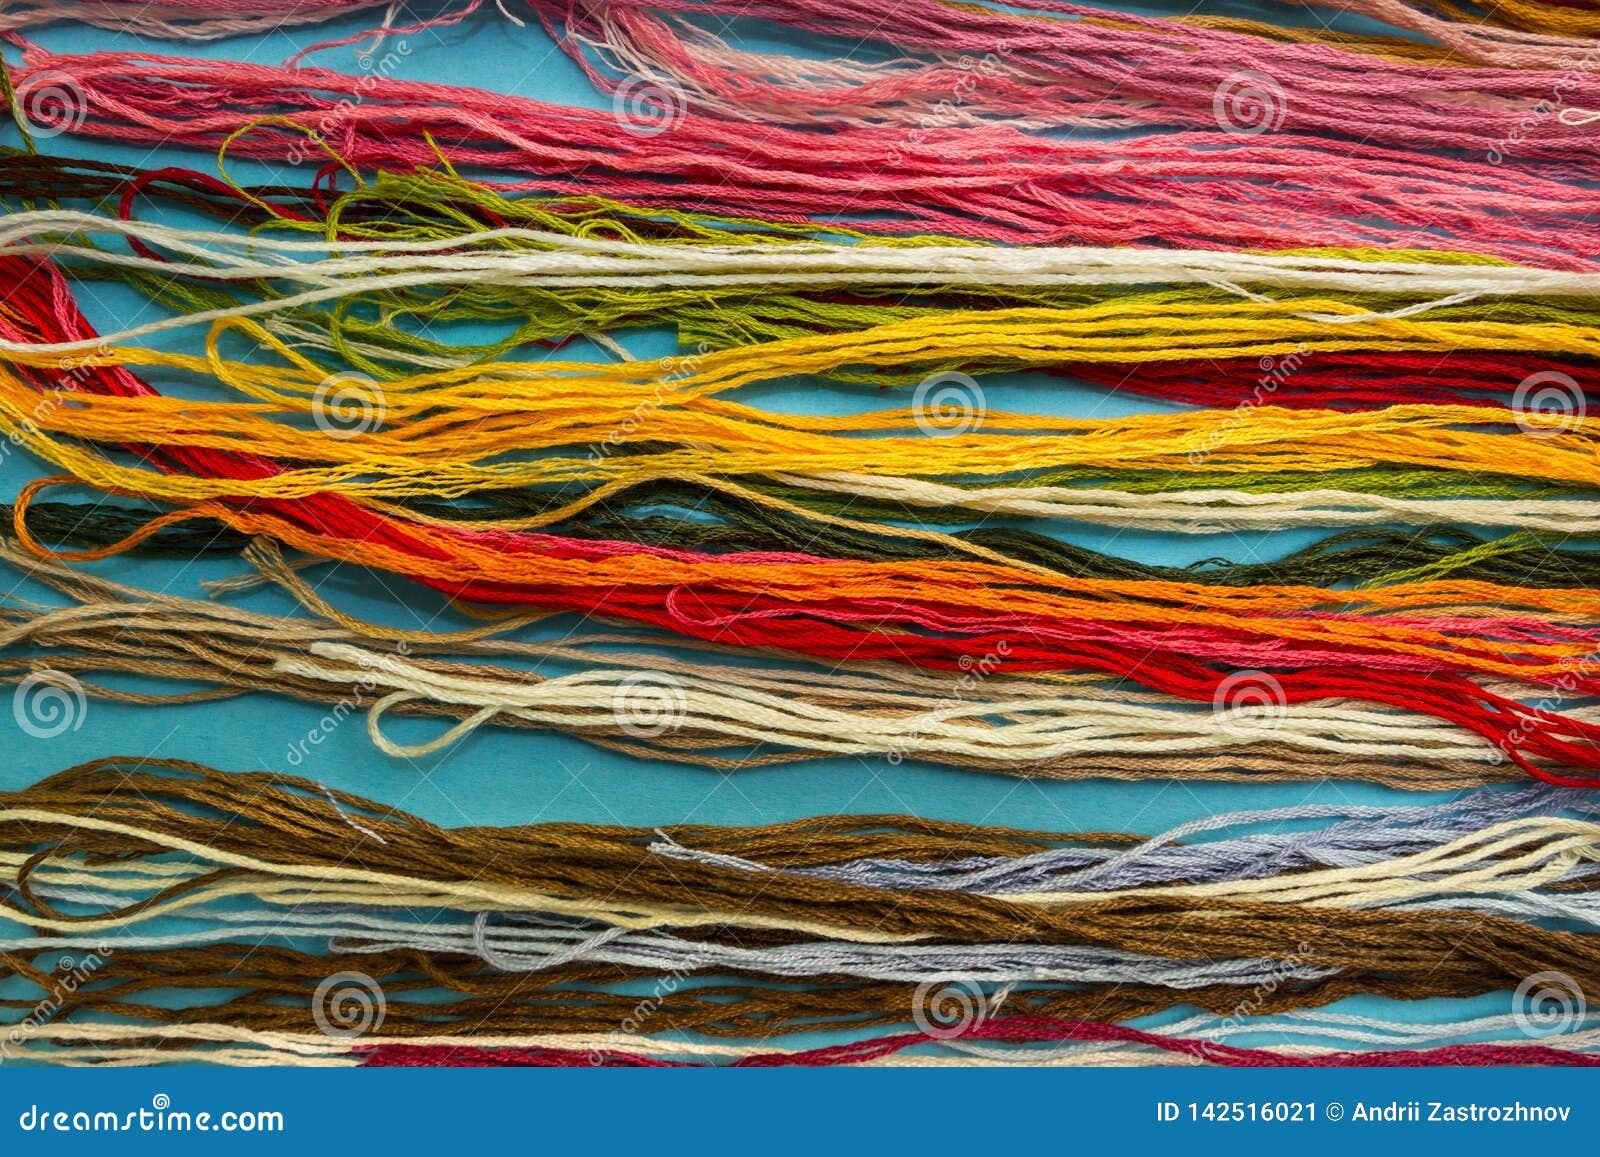 平行的五颜六色的棉花刺绣绣花丝绒背景,针工艺关闭的螺纹